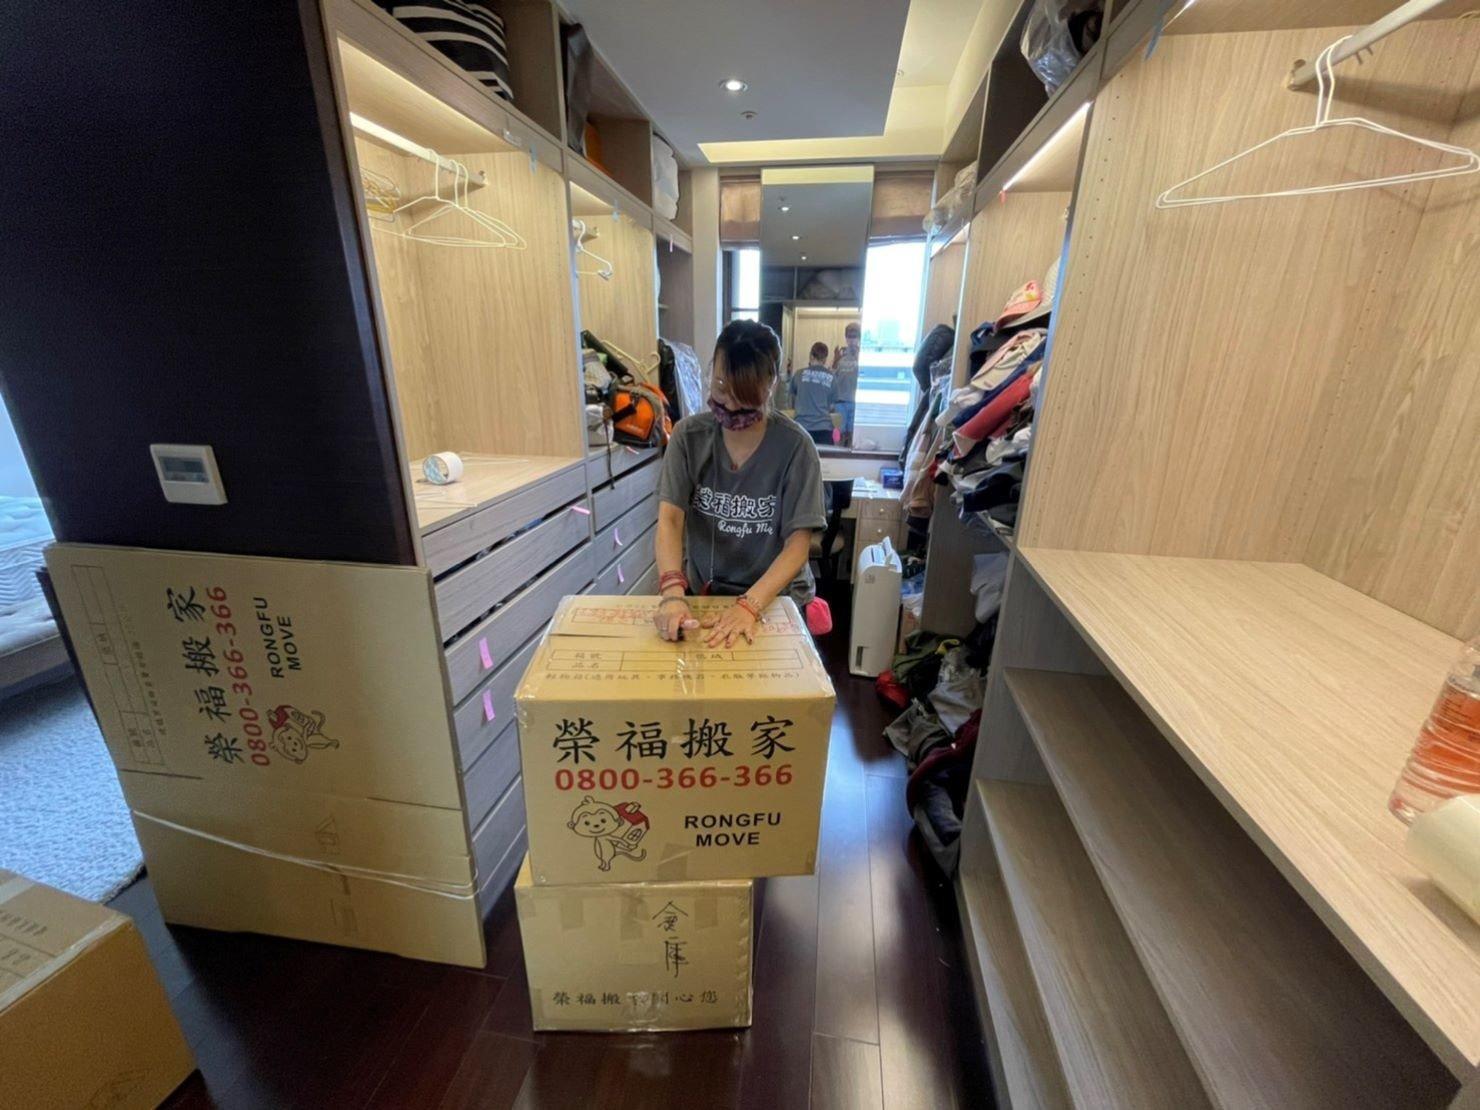 專人打包、搬家公司推薦、新北搬家公司推薦【榮福搬家公司】基隆搬家、南港搬家、桃園搬家公司推薦、家庭搬家、精緻搬家、精緻包裝、打包裝箱、跨縣市搬家、搬工計時、人工搬運、床墊搬運、冰箱搬運、搬家具、搬家首選、吊掛搬運、吊家具搬運、搬家紙箱、氣泡捲、膠膜、黃色透明膠帶、大型家具搬運、搬木製家具、搬大理石桌、廢棄物處理清運、家庭家具垃圾處理,台北搬家公司推薦:大台北搬家,精緻包裝搬運「細膩包裝、專業搬運、用心服務、以客為尊」是榮福搬家公司的宗旨與精神。歡迎立即來電02-2651-2727專人服務。